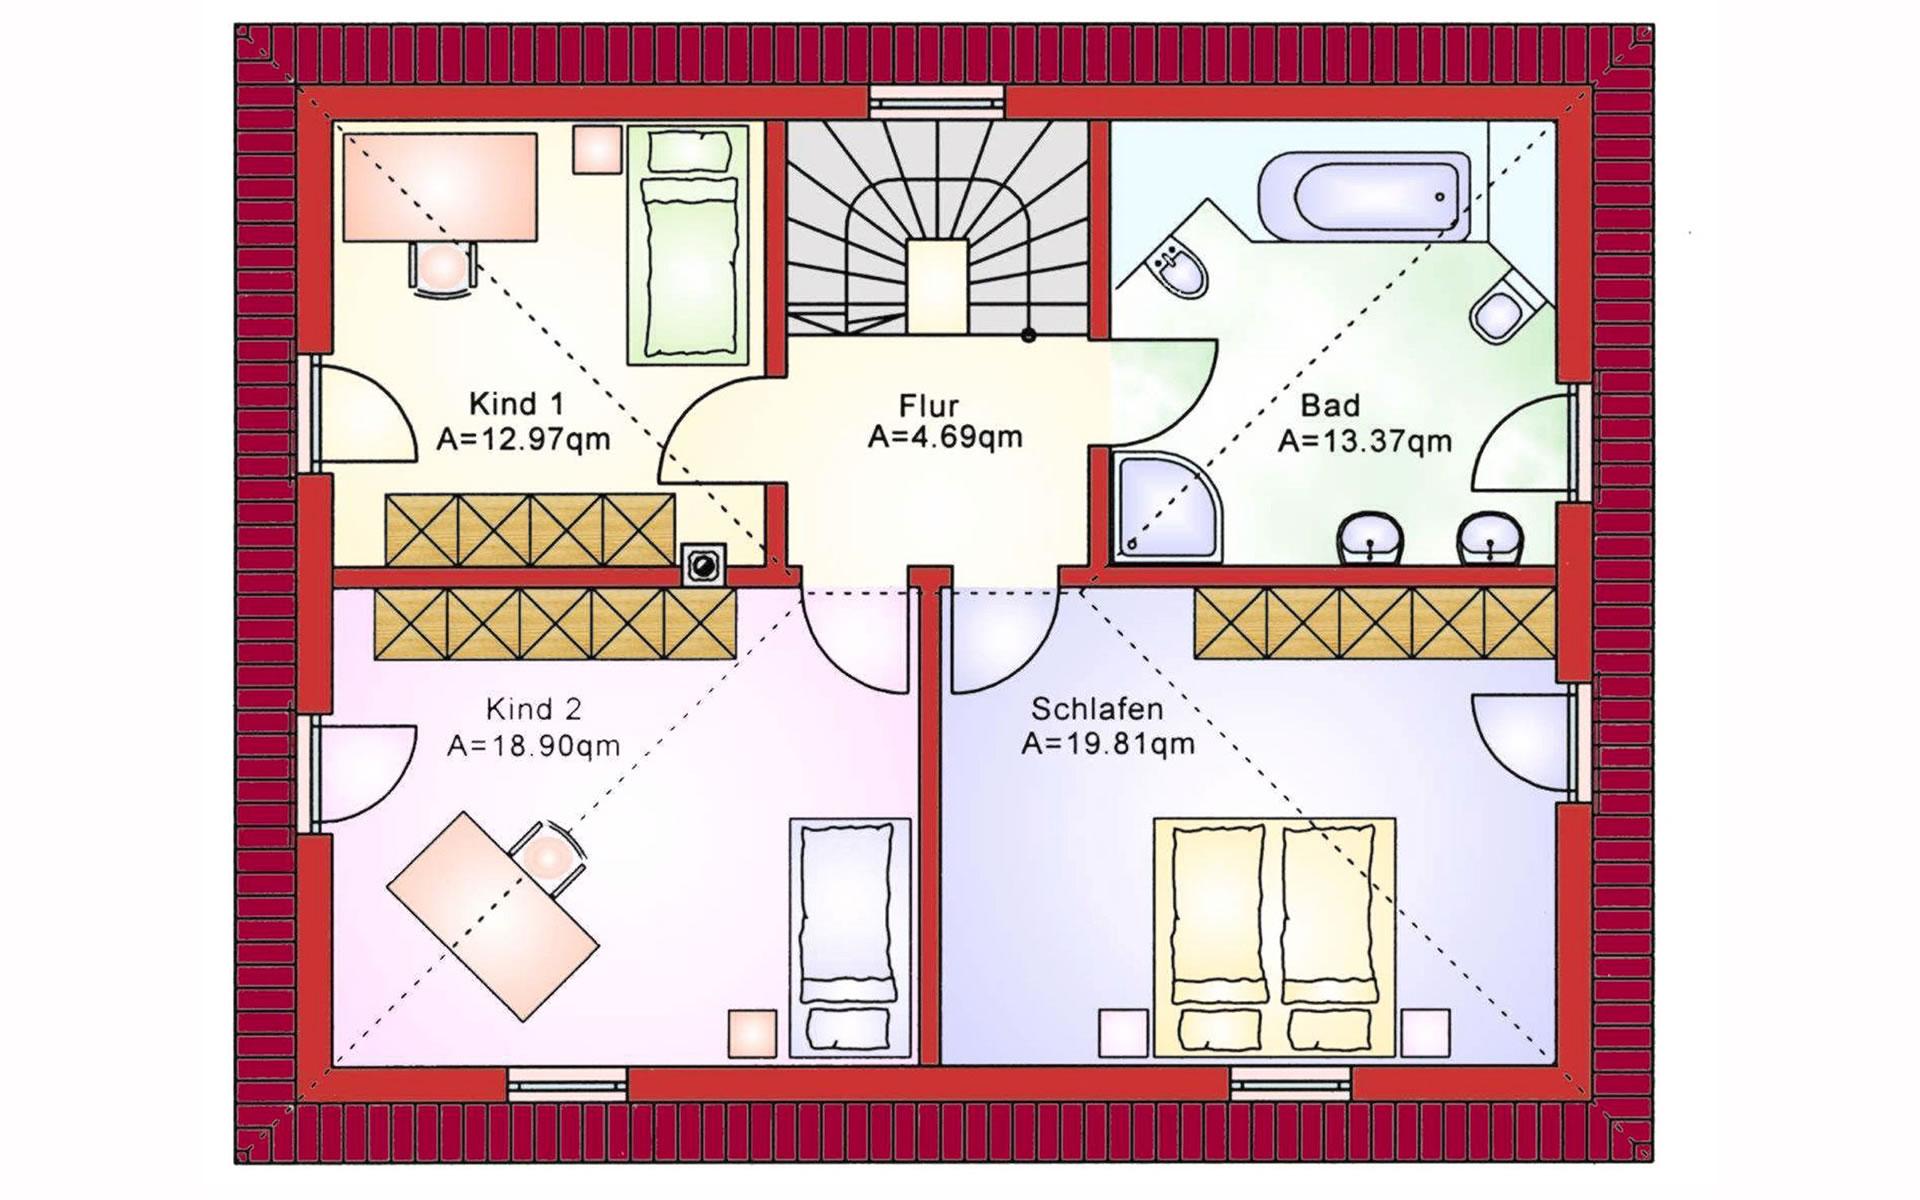 Obergeschoss Einfamilienhaus BS 138 von B&S Selbstbausysteme GmbH & Co. KG